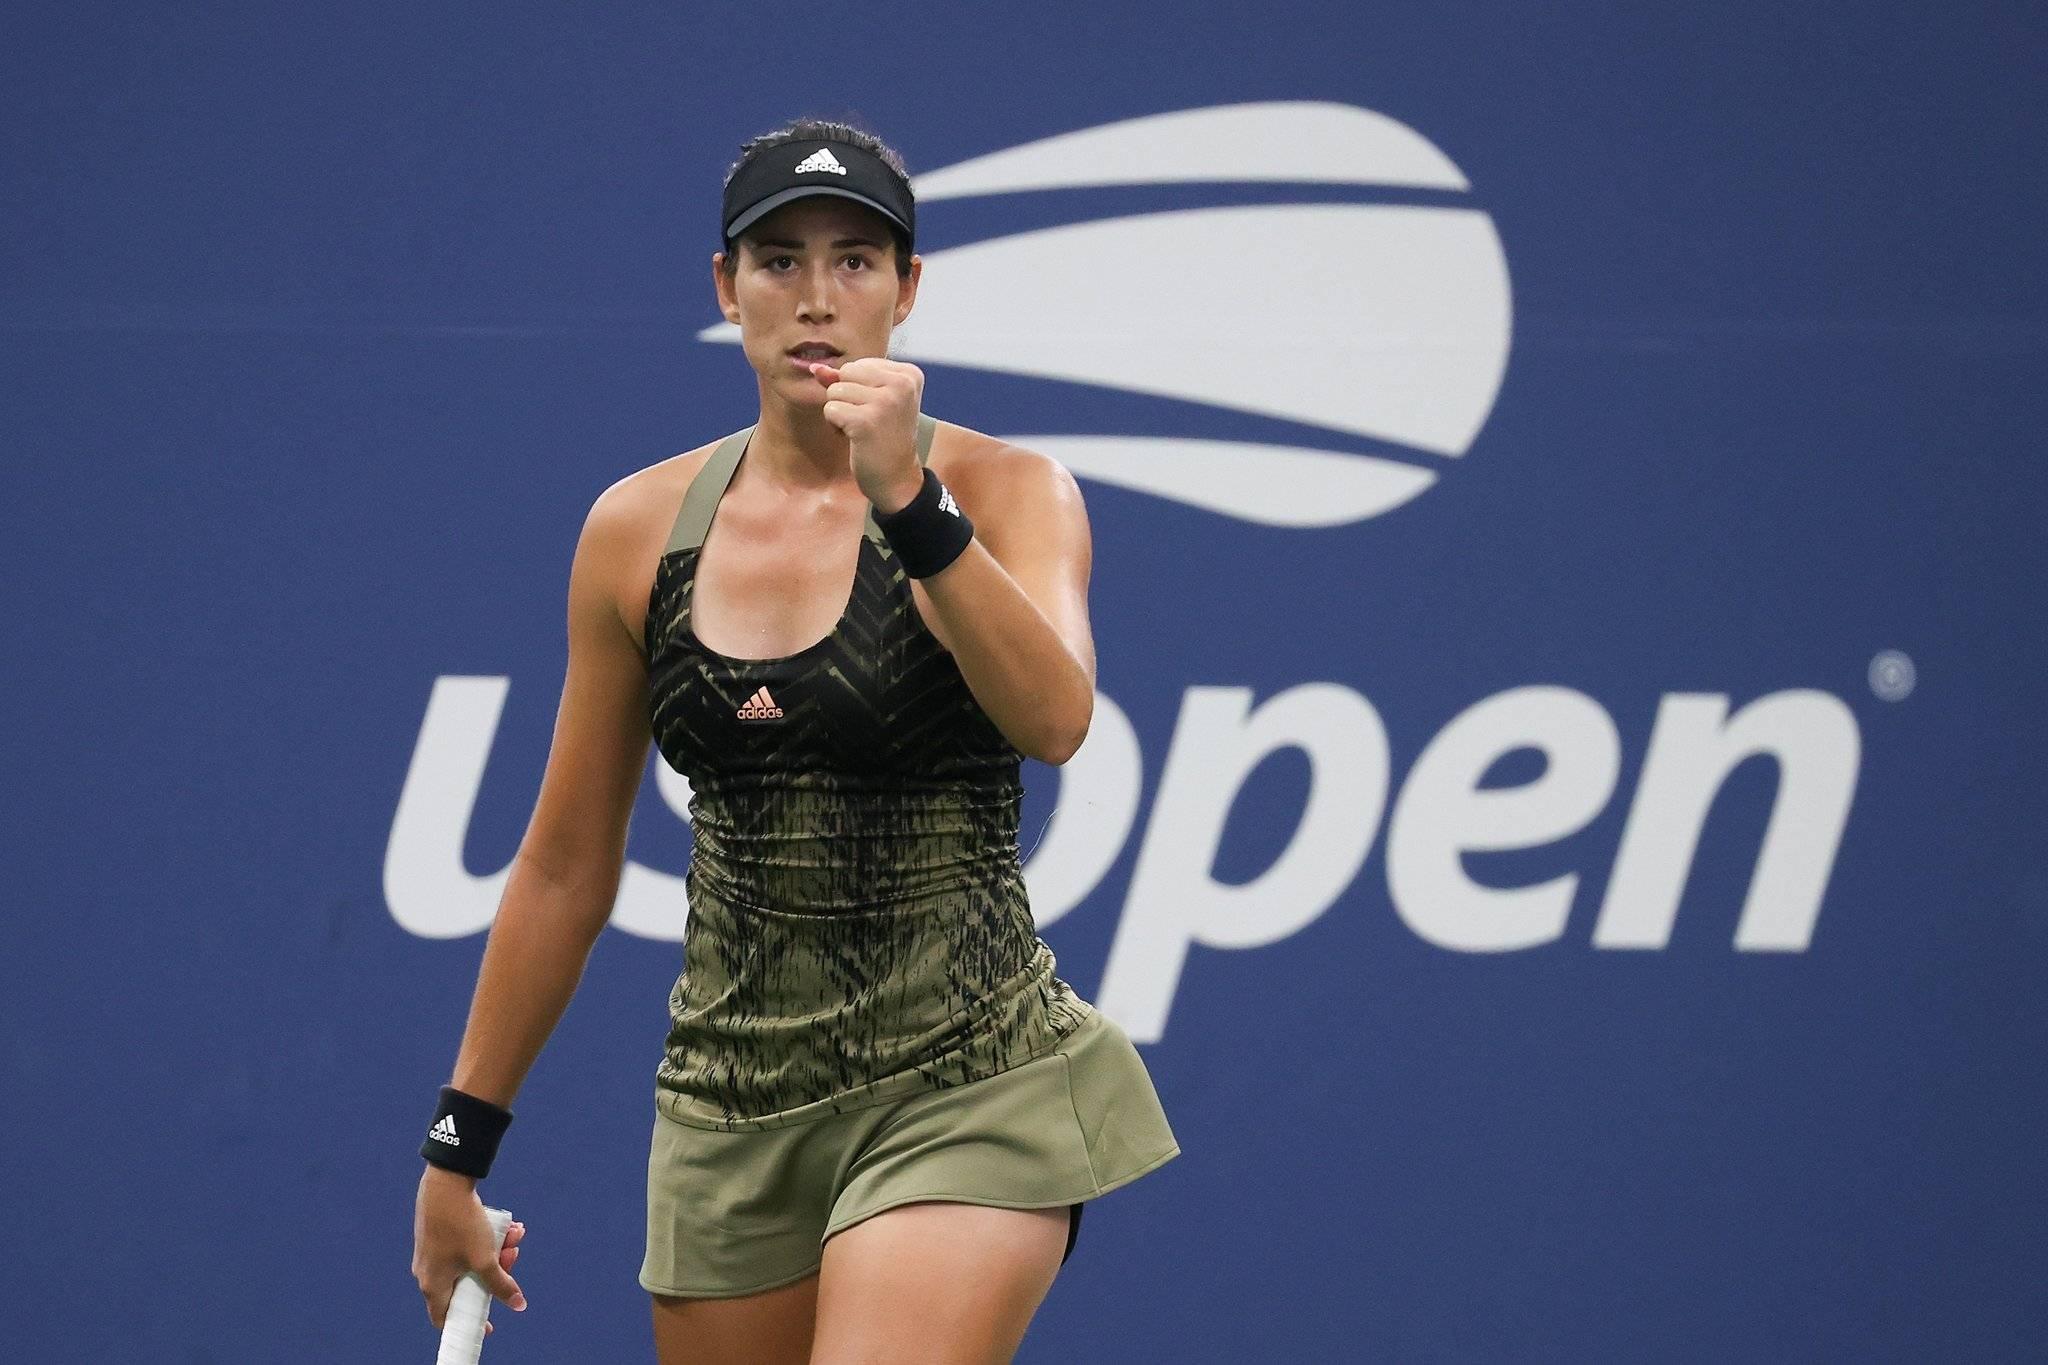 美网女单比赛:斯维托丽娜2-0胜哈勒普晋级大满贯八强